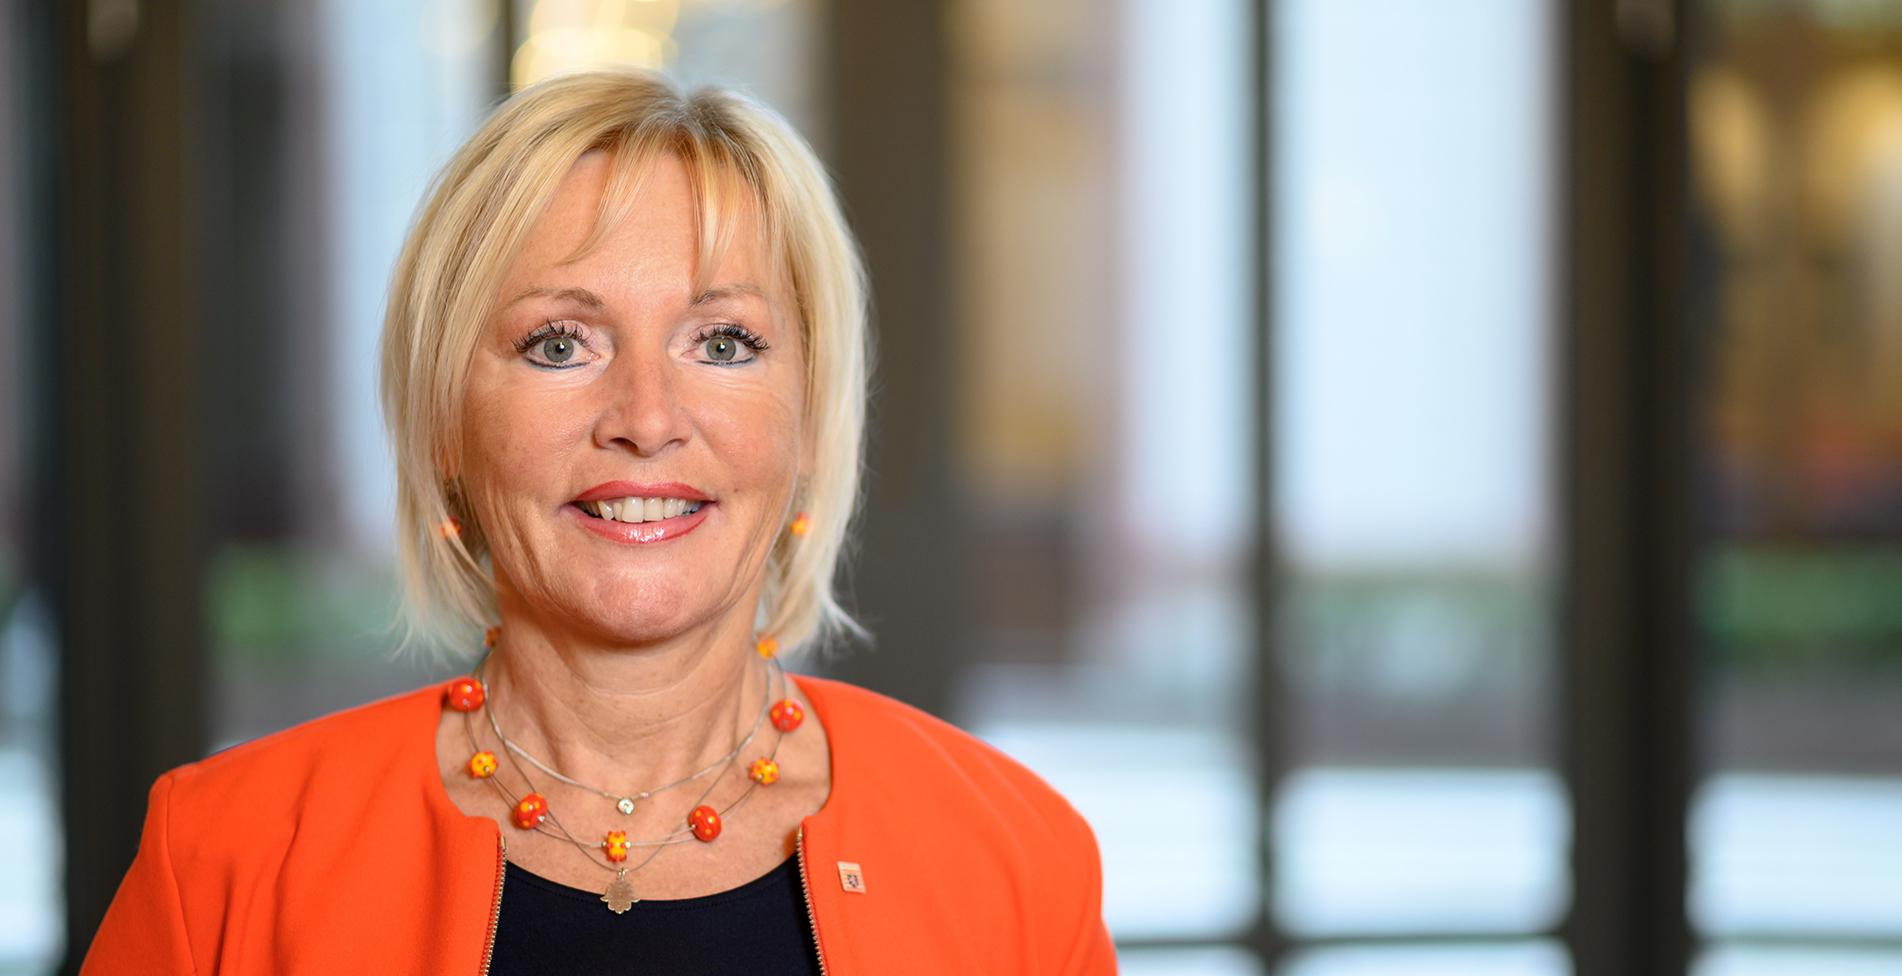 Prof. Dr. Kristina Sinemus, Hessische Ministerin für Digitale Strategie und Entwicklung, 10 Jahre enercast